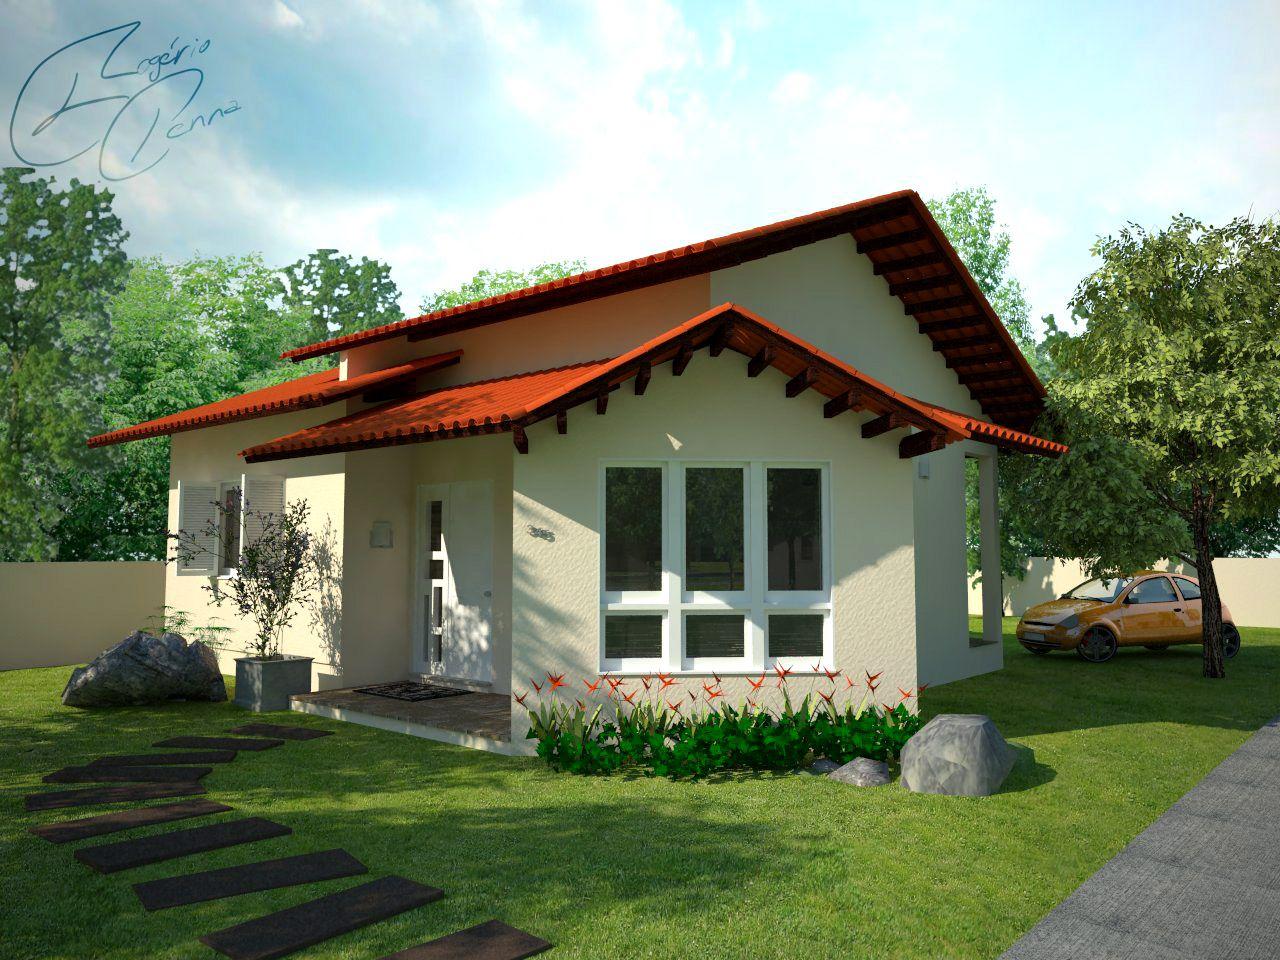 Modelos de casas modernas fotos de casas modernas - Interiores casas modernas ...